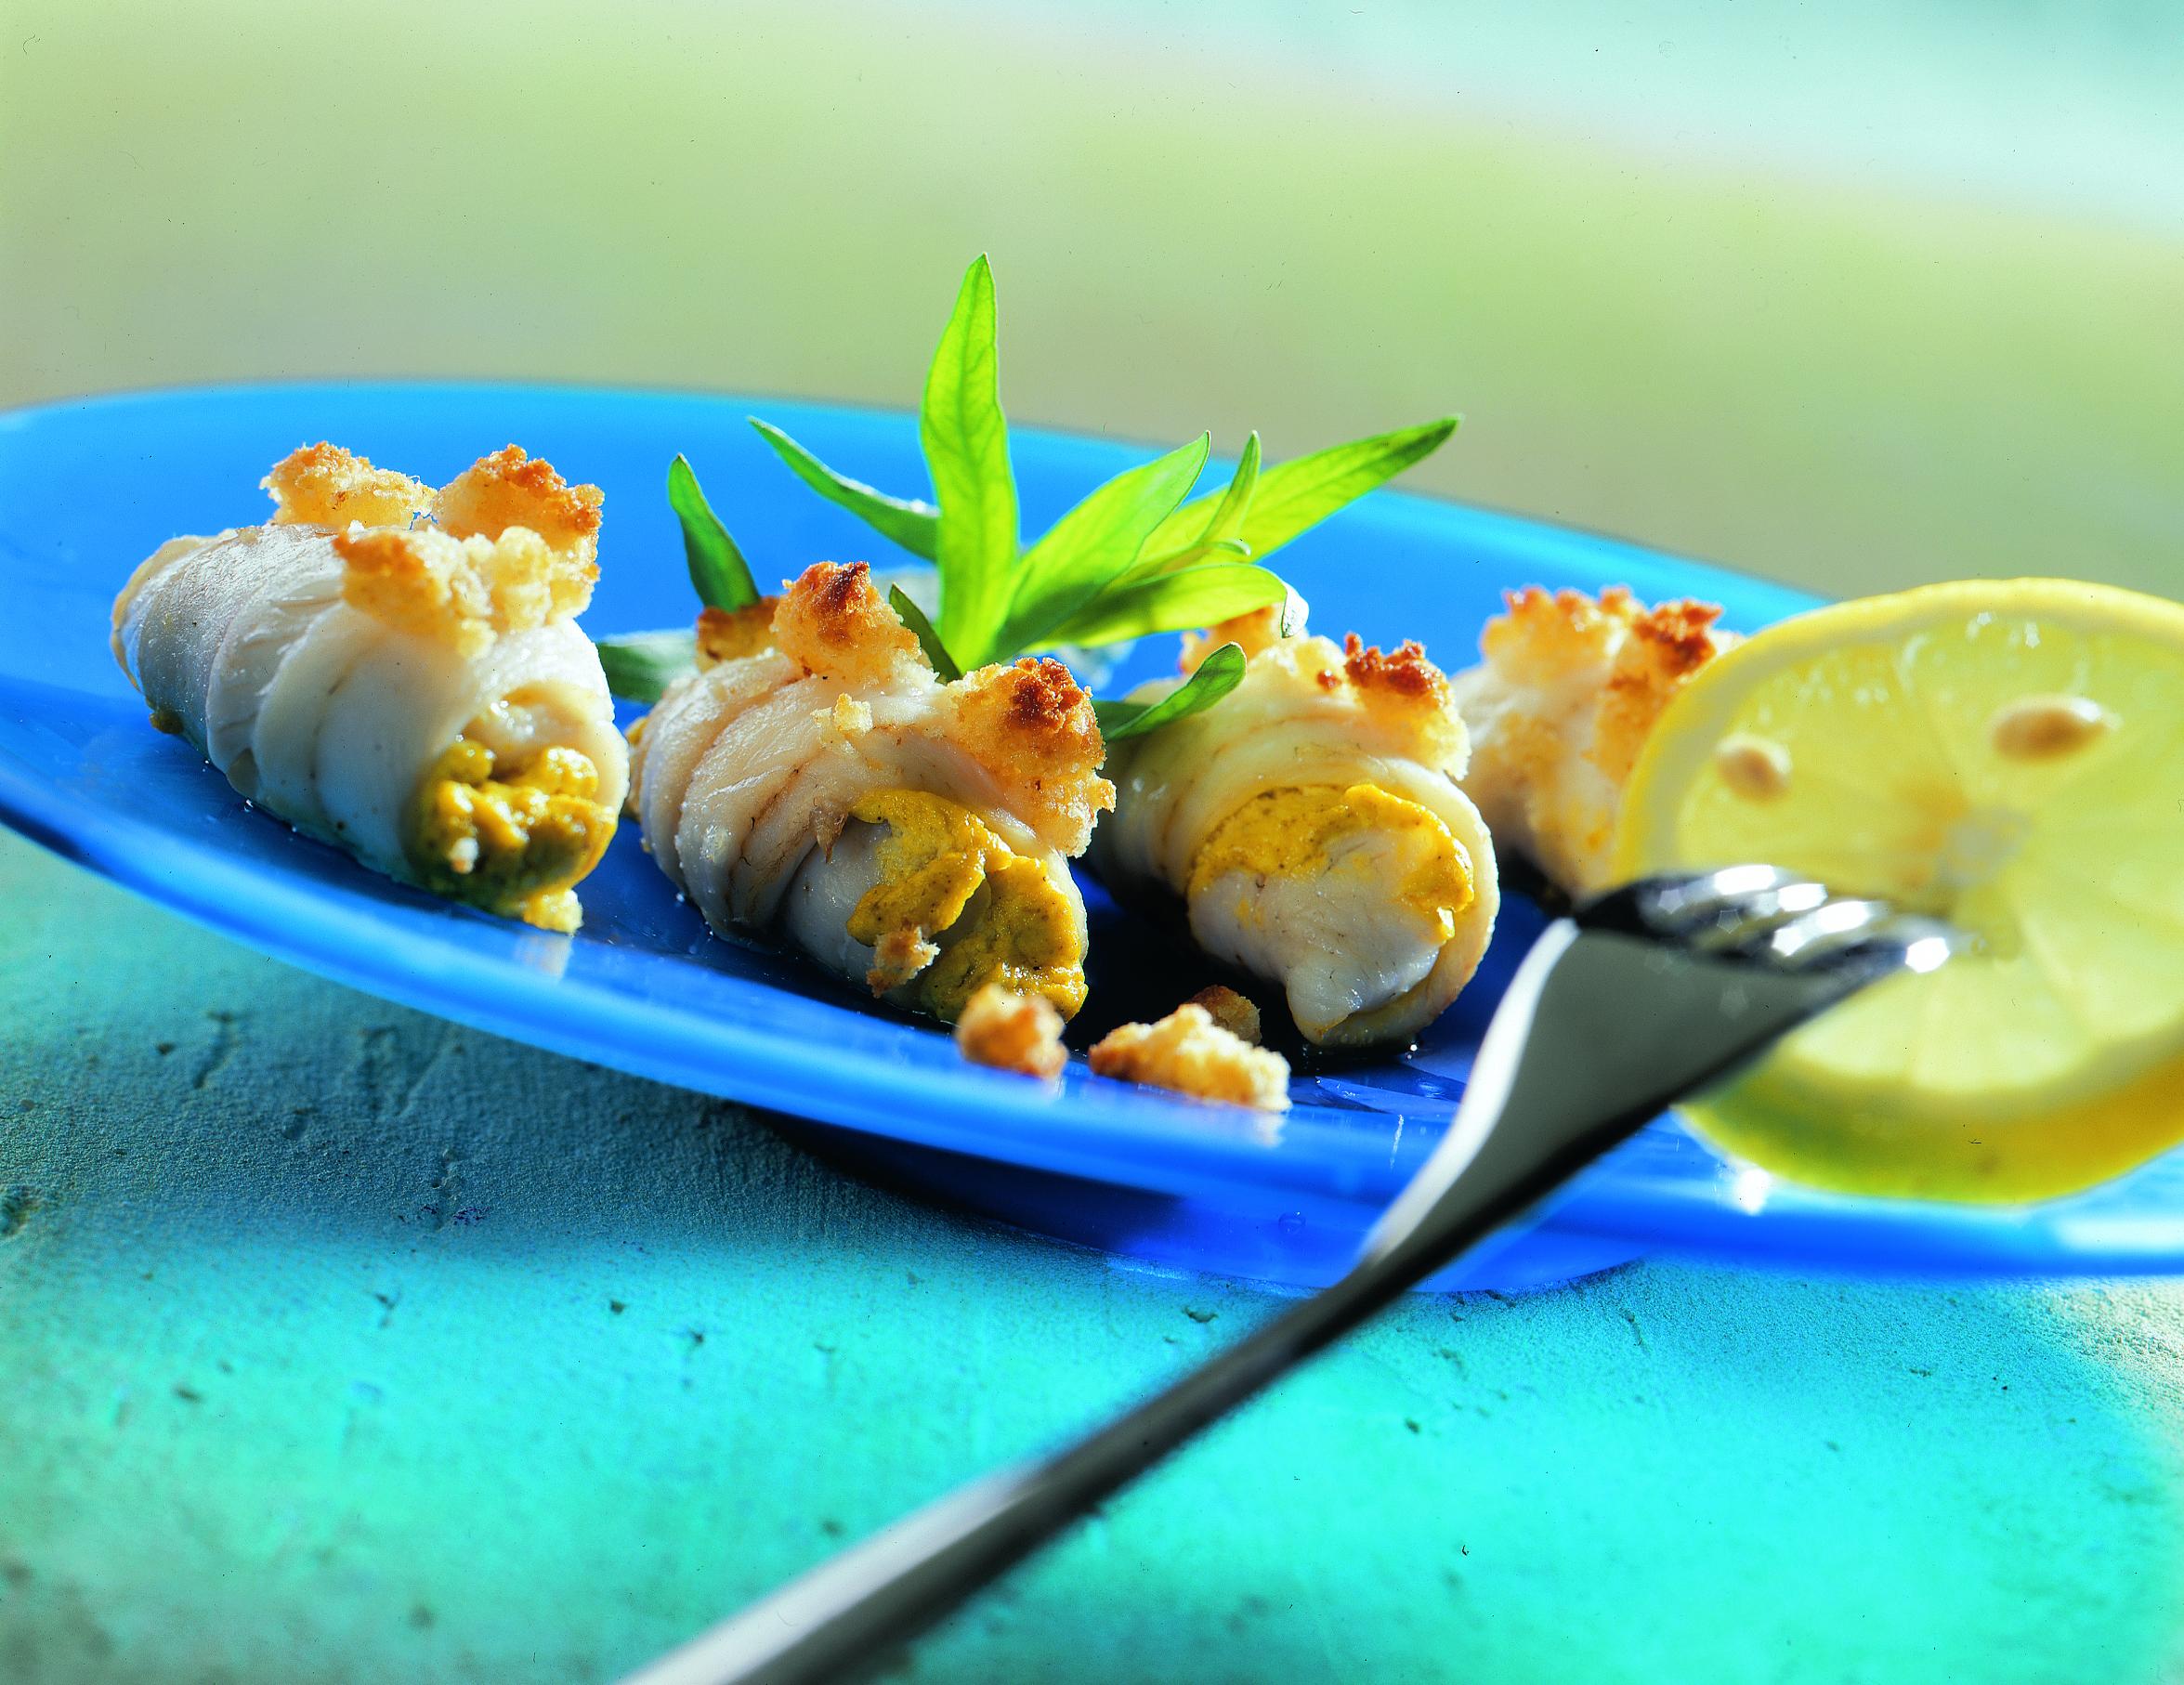 Paupiettes de poisson au gingembre